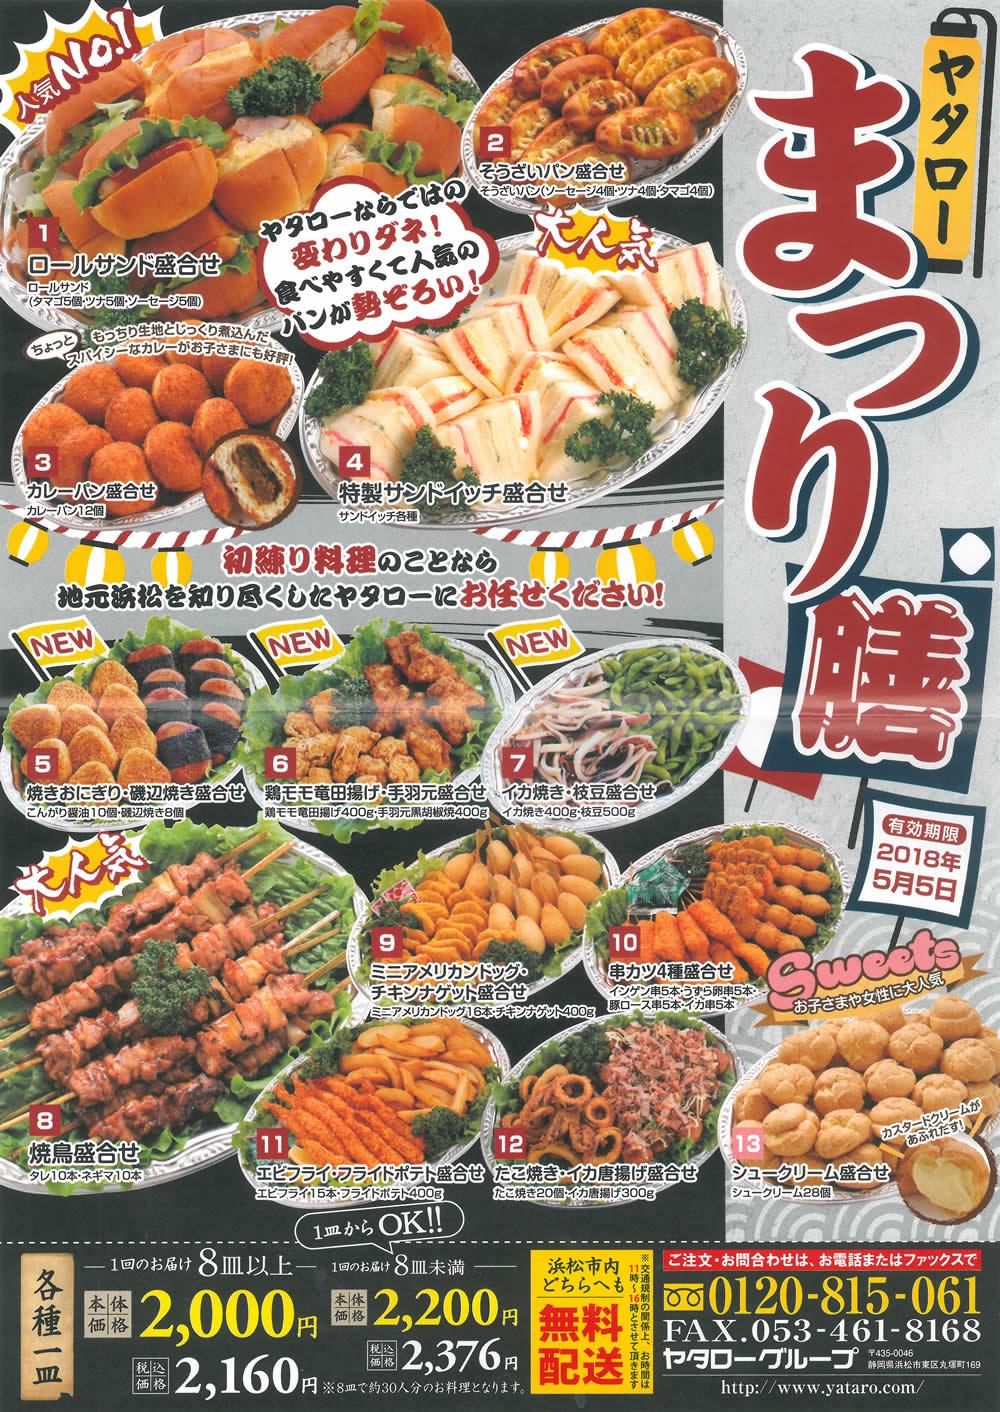 浜松祭り 接待料理 オードブル